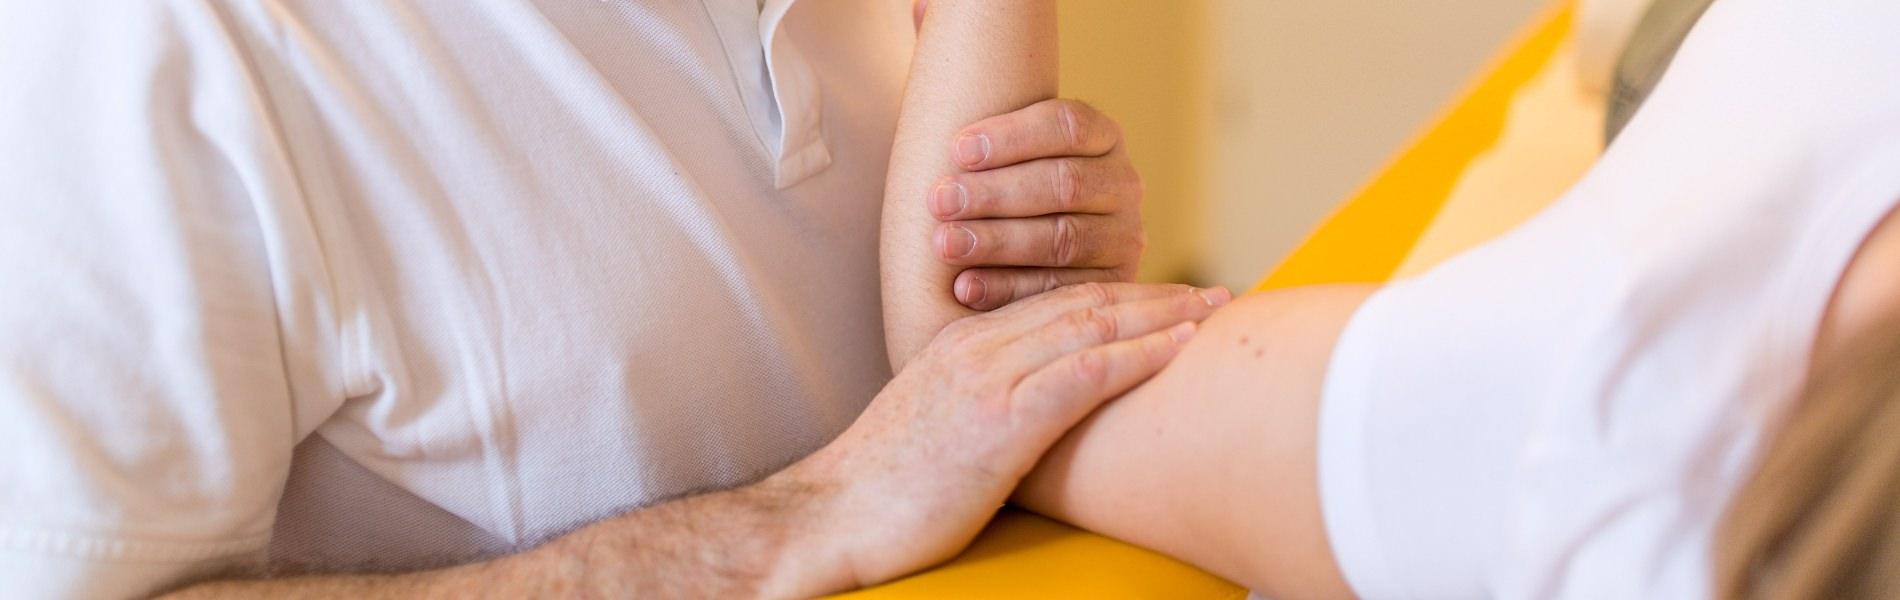 Praxis für Osteopathie, Physiotherapie und Manuelle Medizin. Heilpraktiker, Akupunktur und Faszientherapie. Sie finden uns in Bensheim-Auerbach.